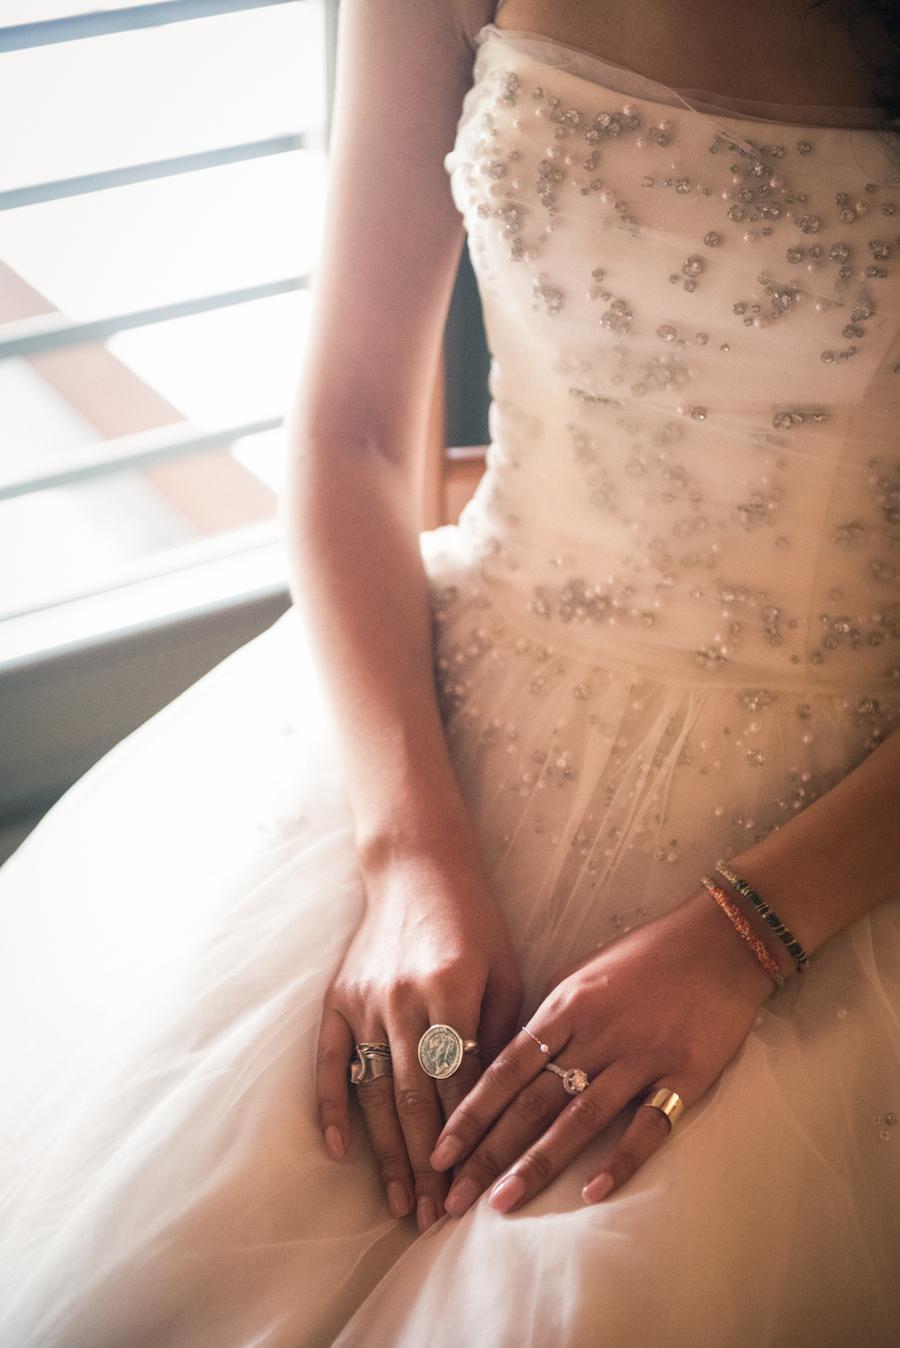 matrimonio-bilingue-con-rito-simbolico-selene-pozzer-04